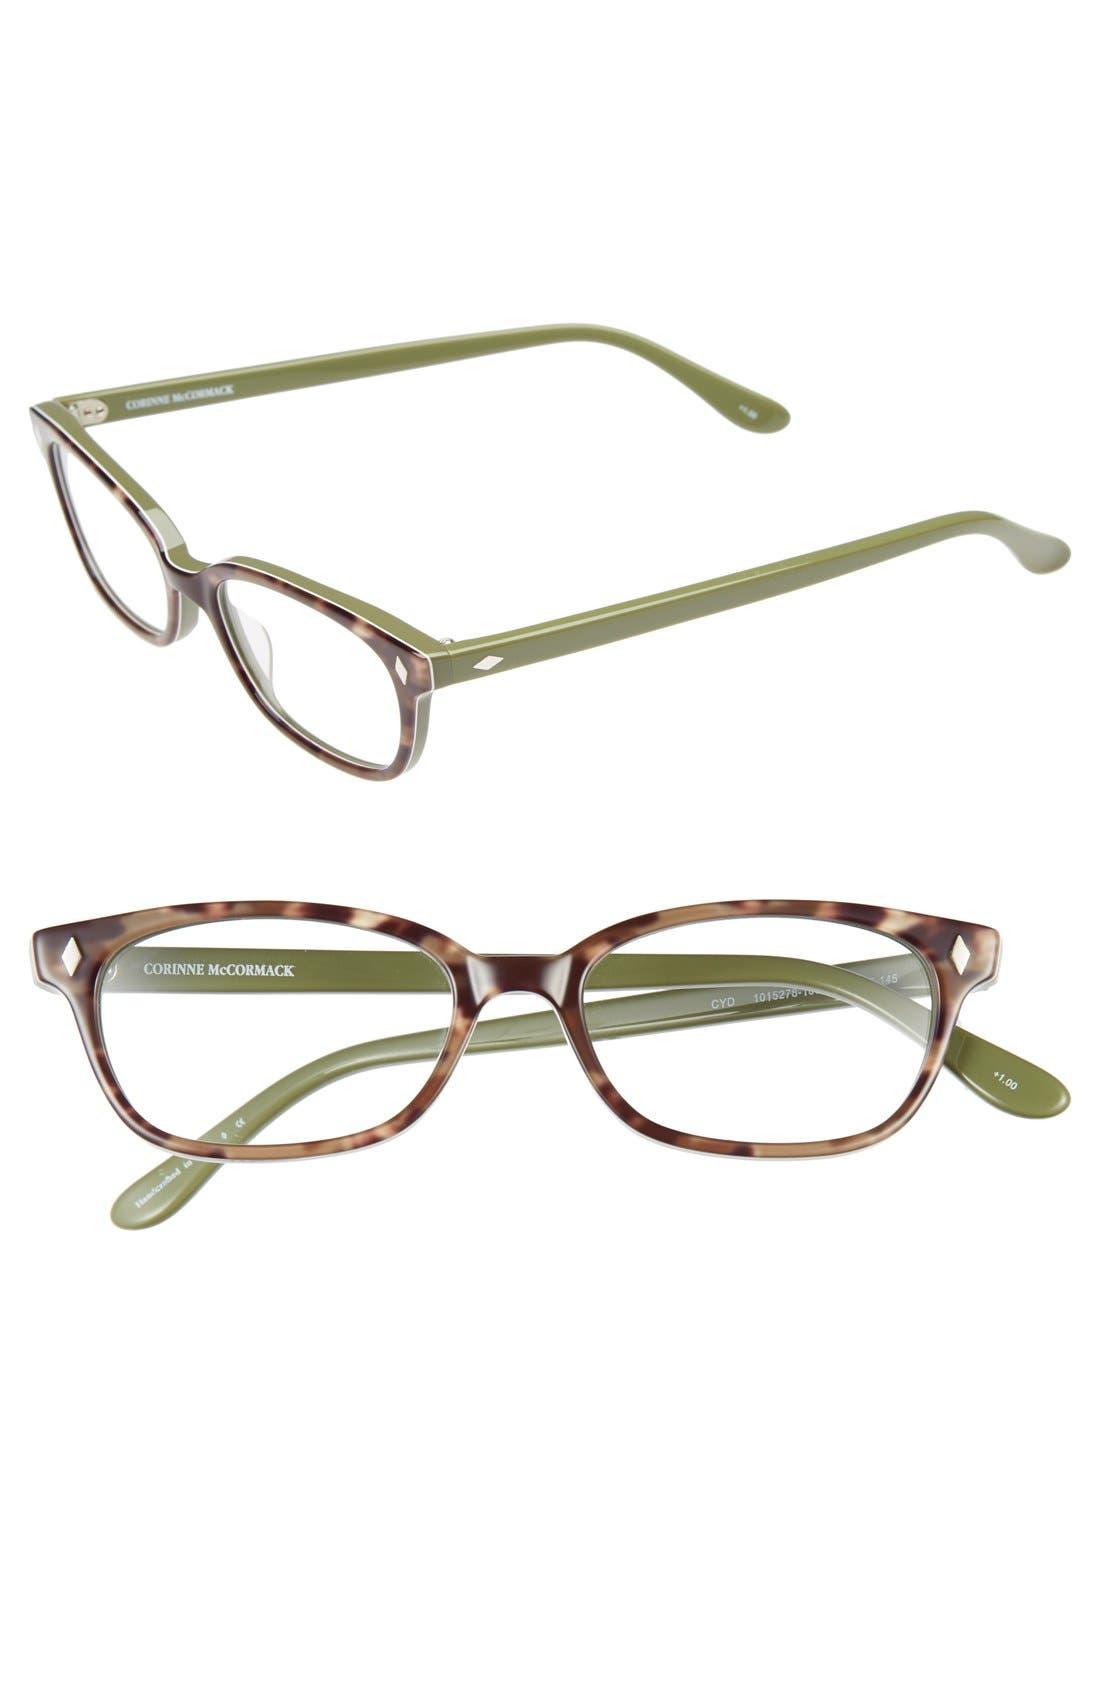 'Cyd' 50mm Reading Glasses,                             Main thumbnail 3, color,